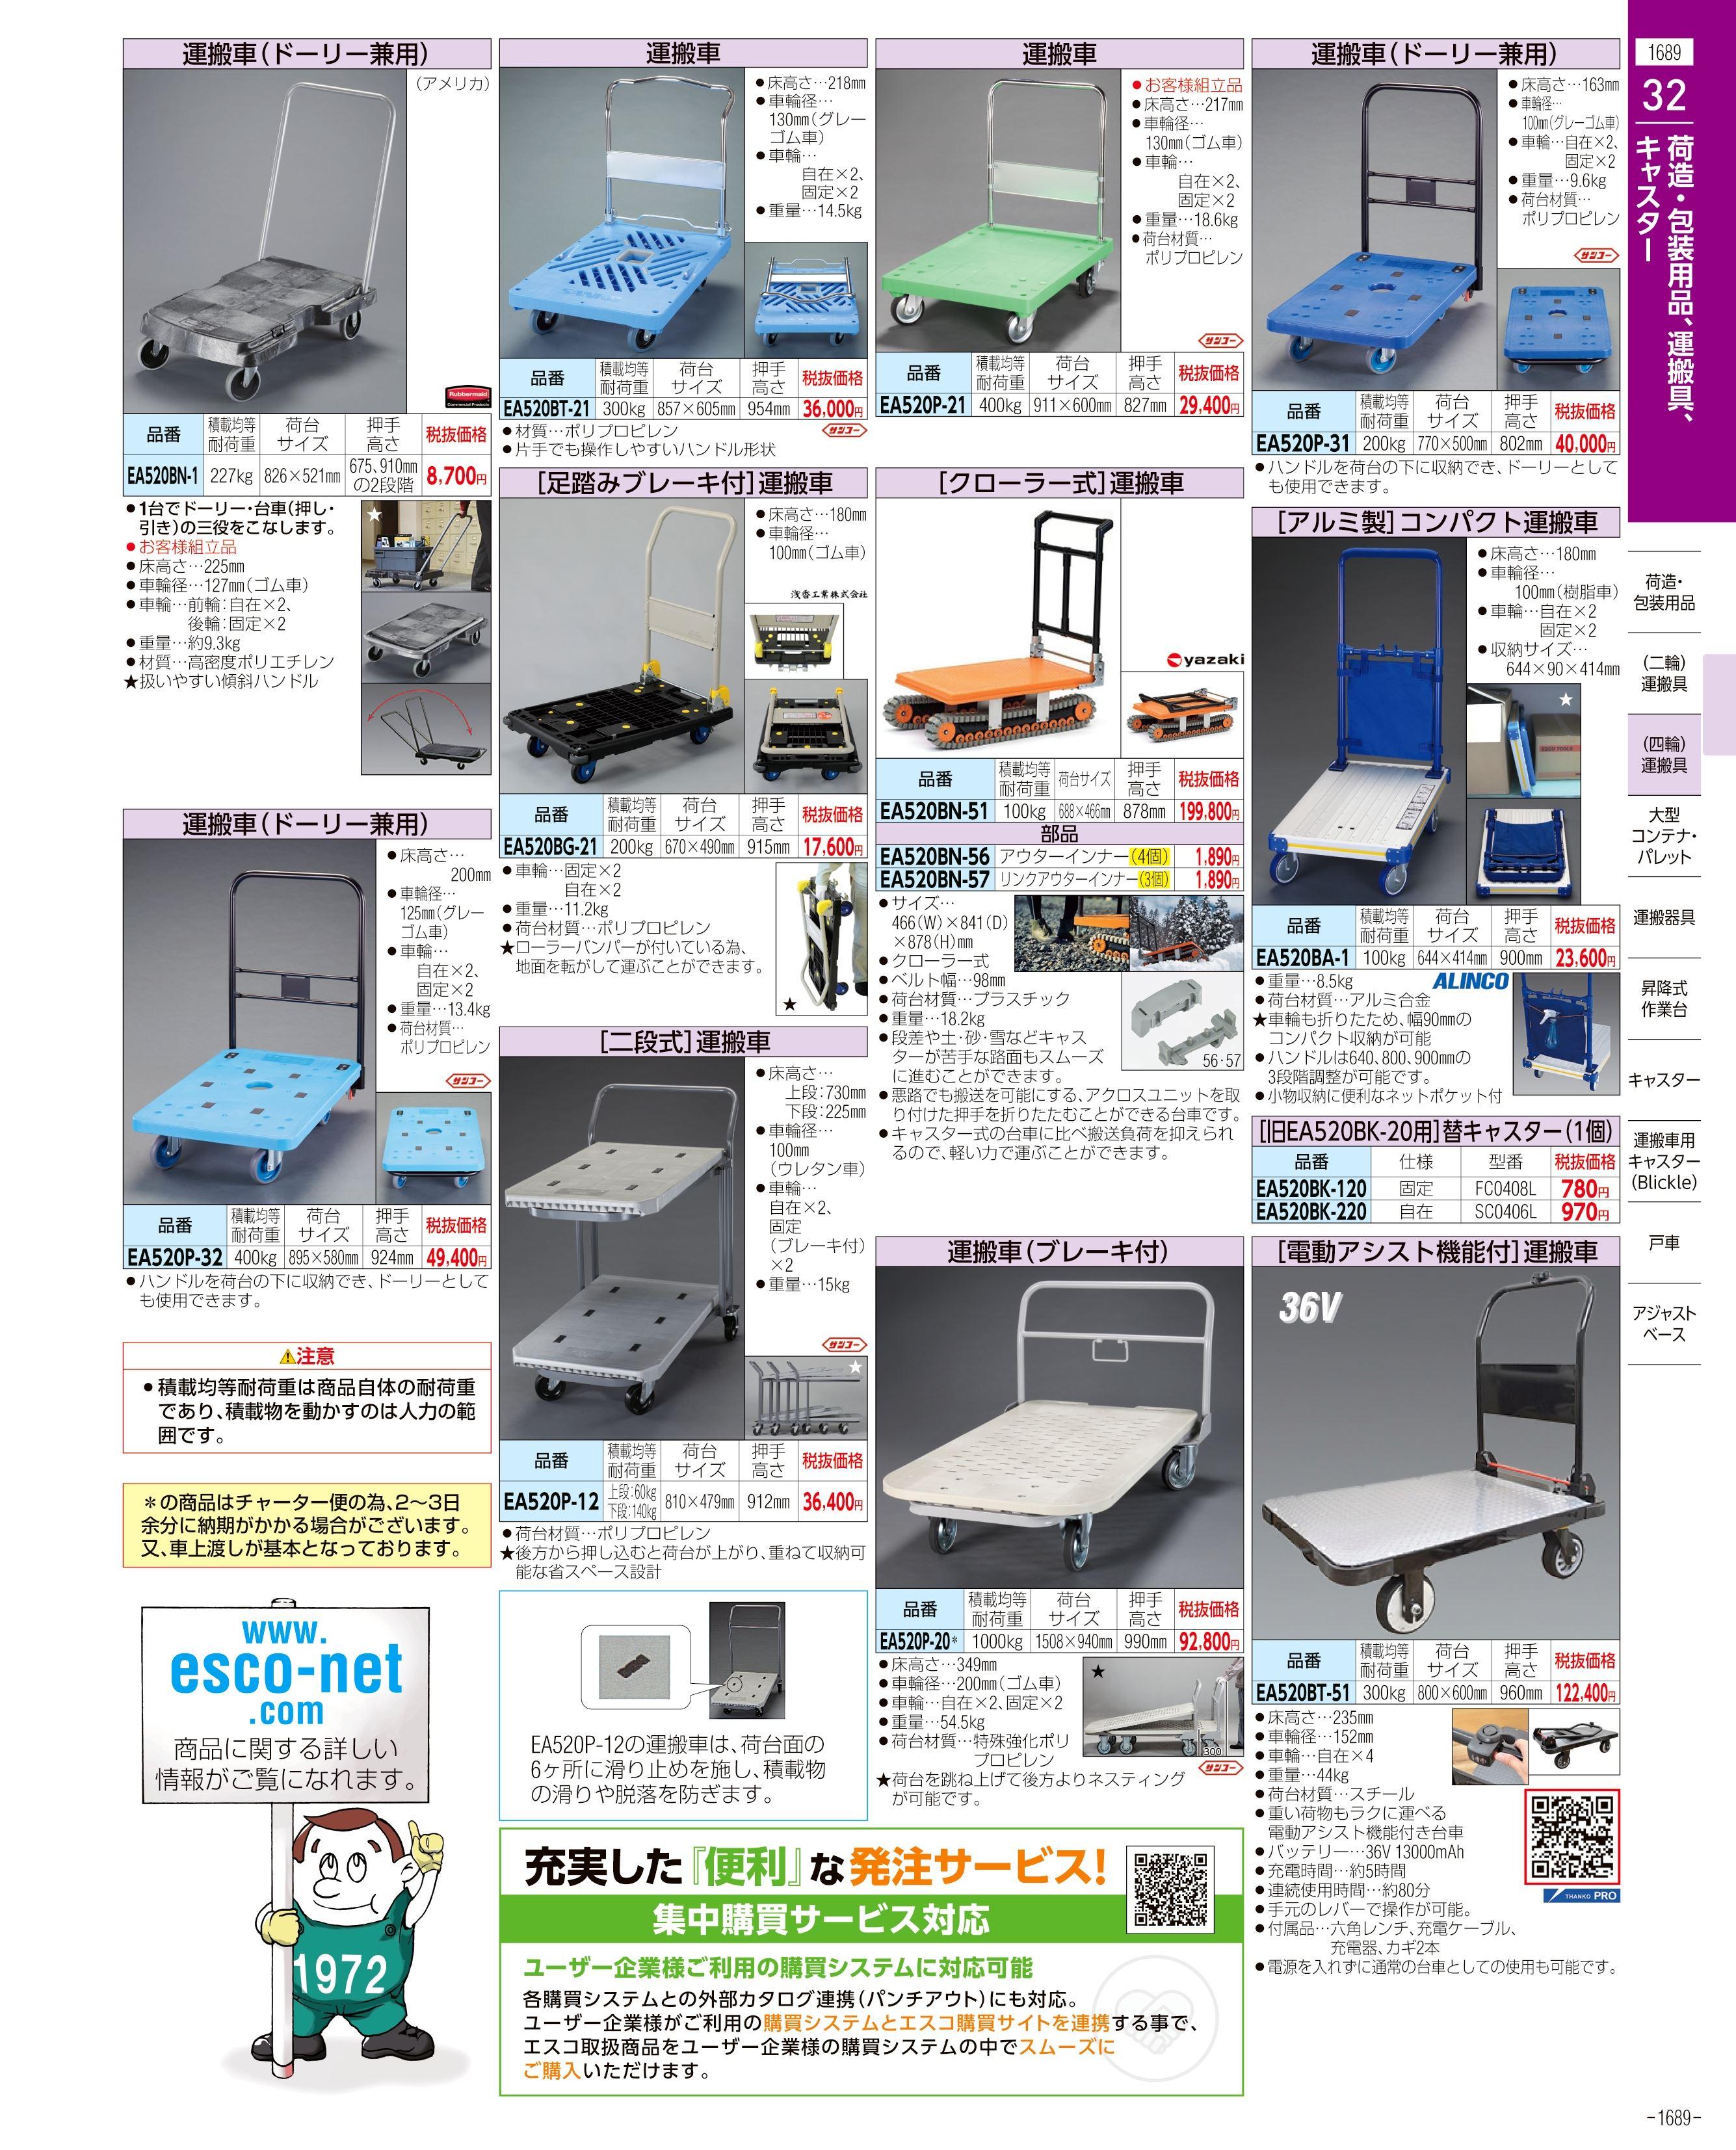 エスコ便利カタログ1689ページ